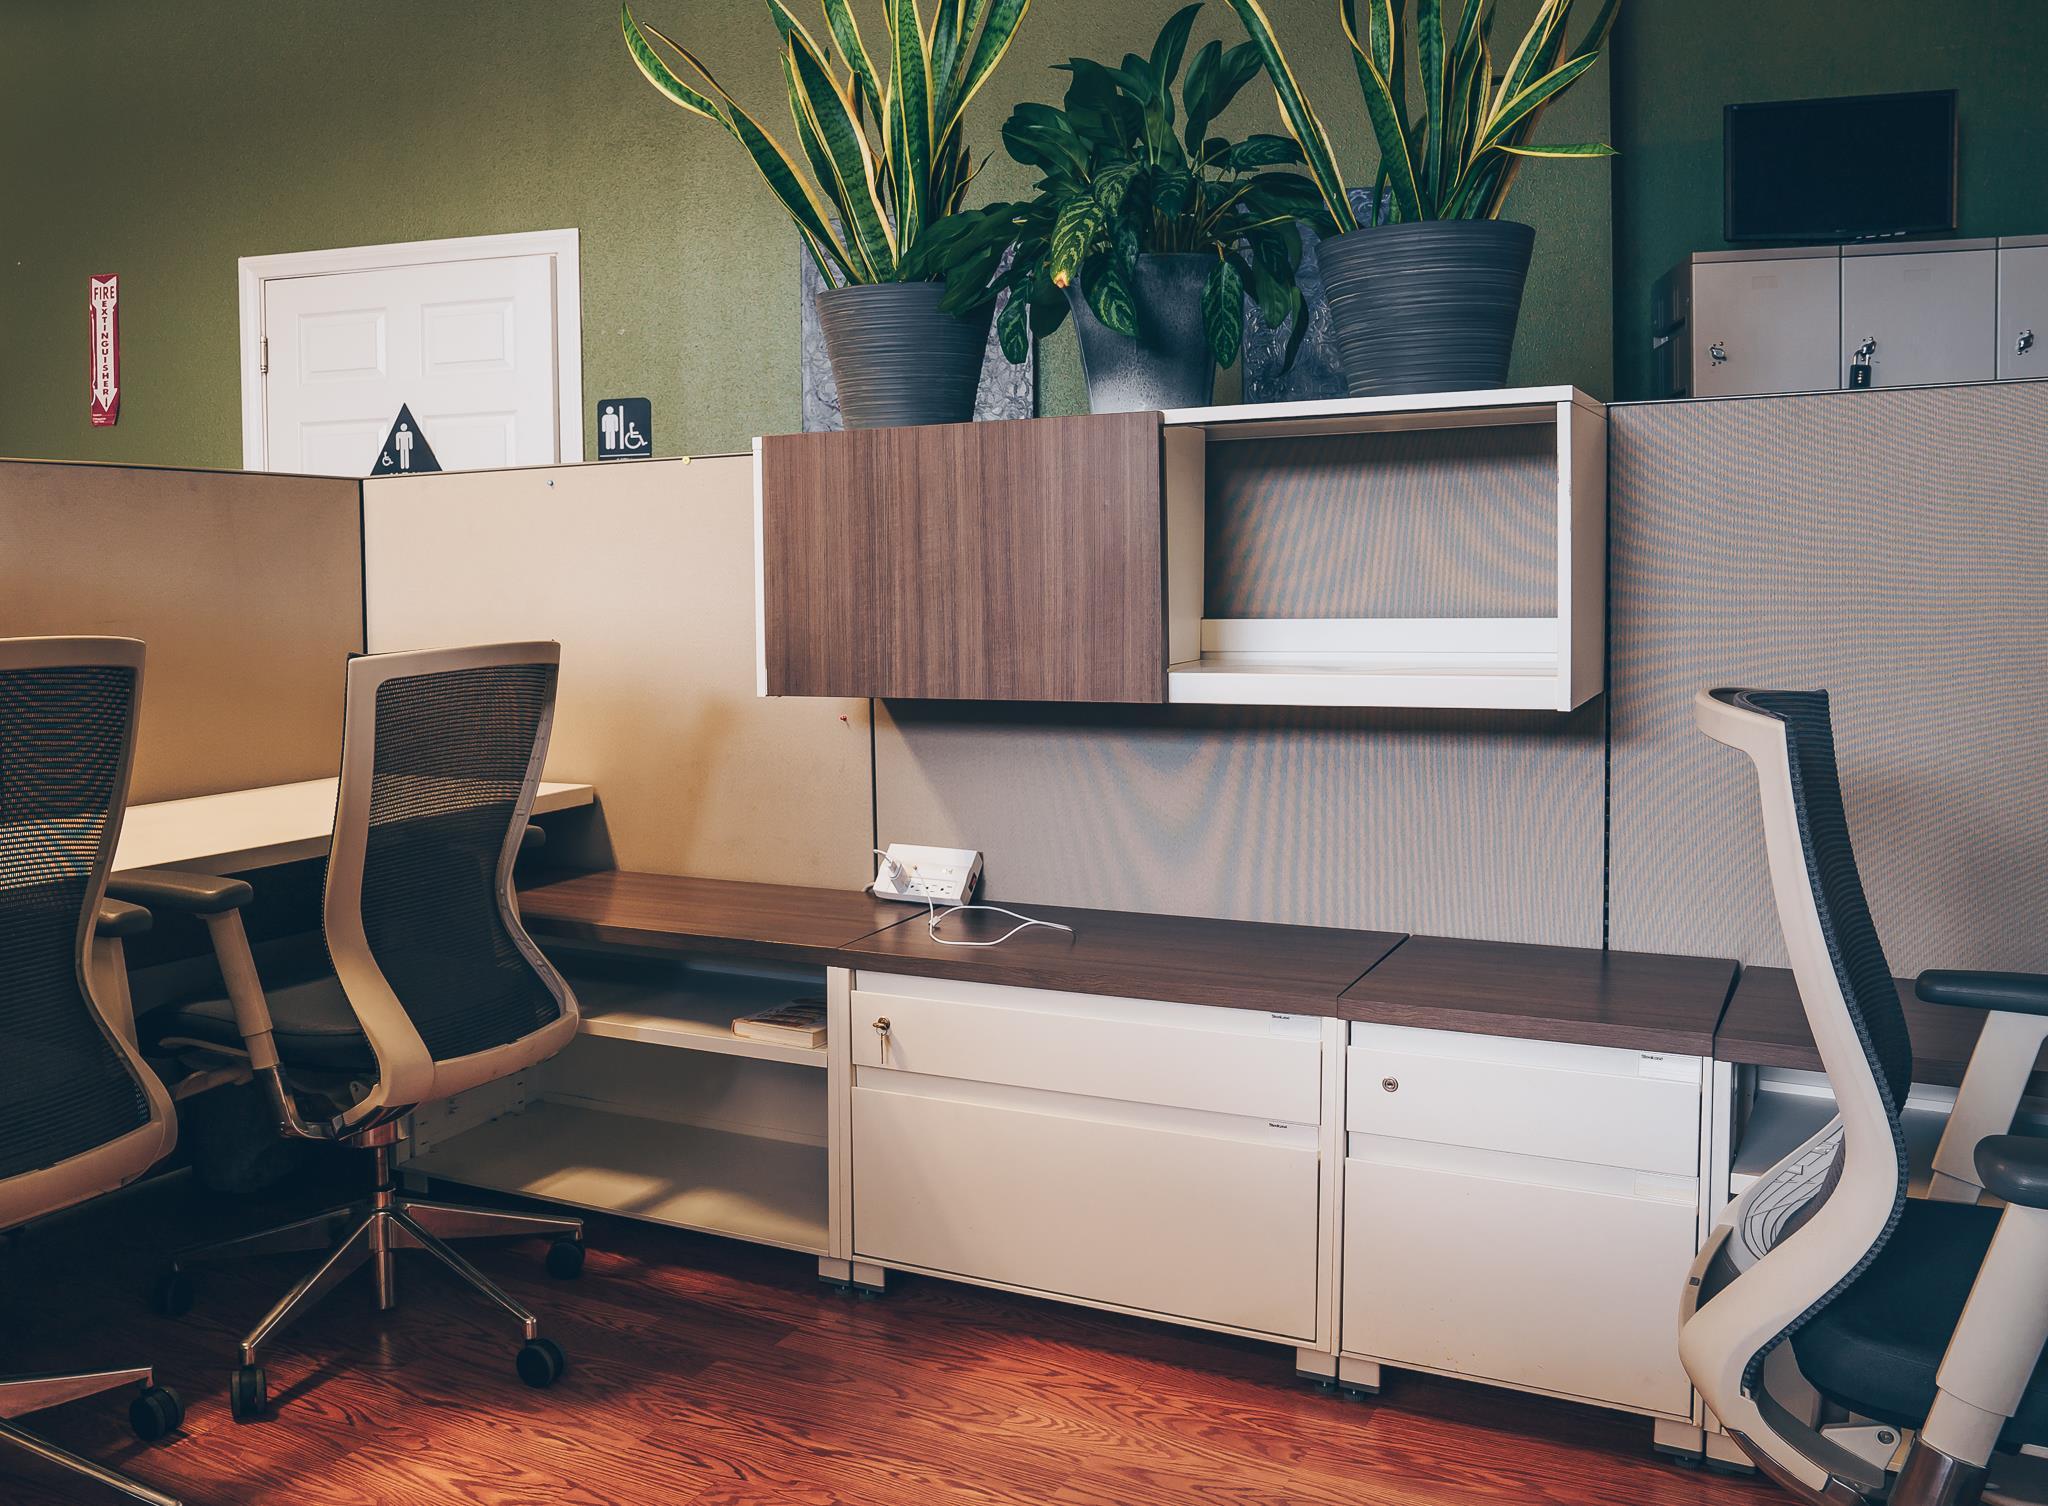 Ugather Cowork - Semi-Private Office